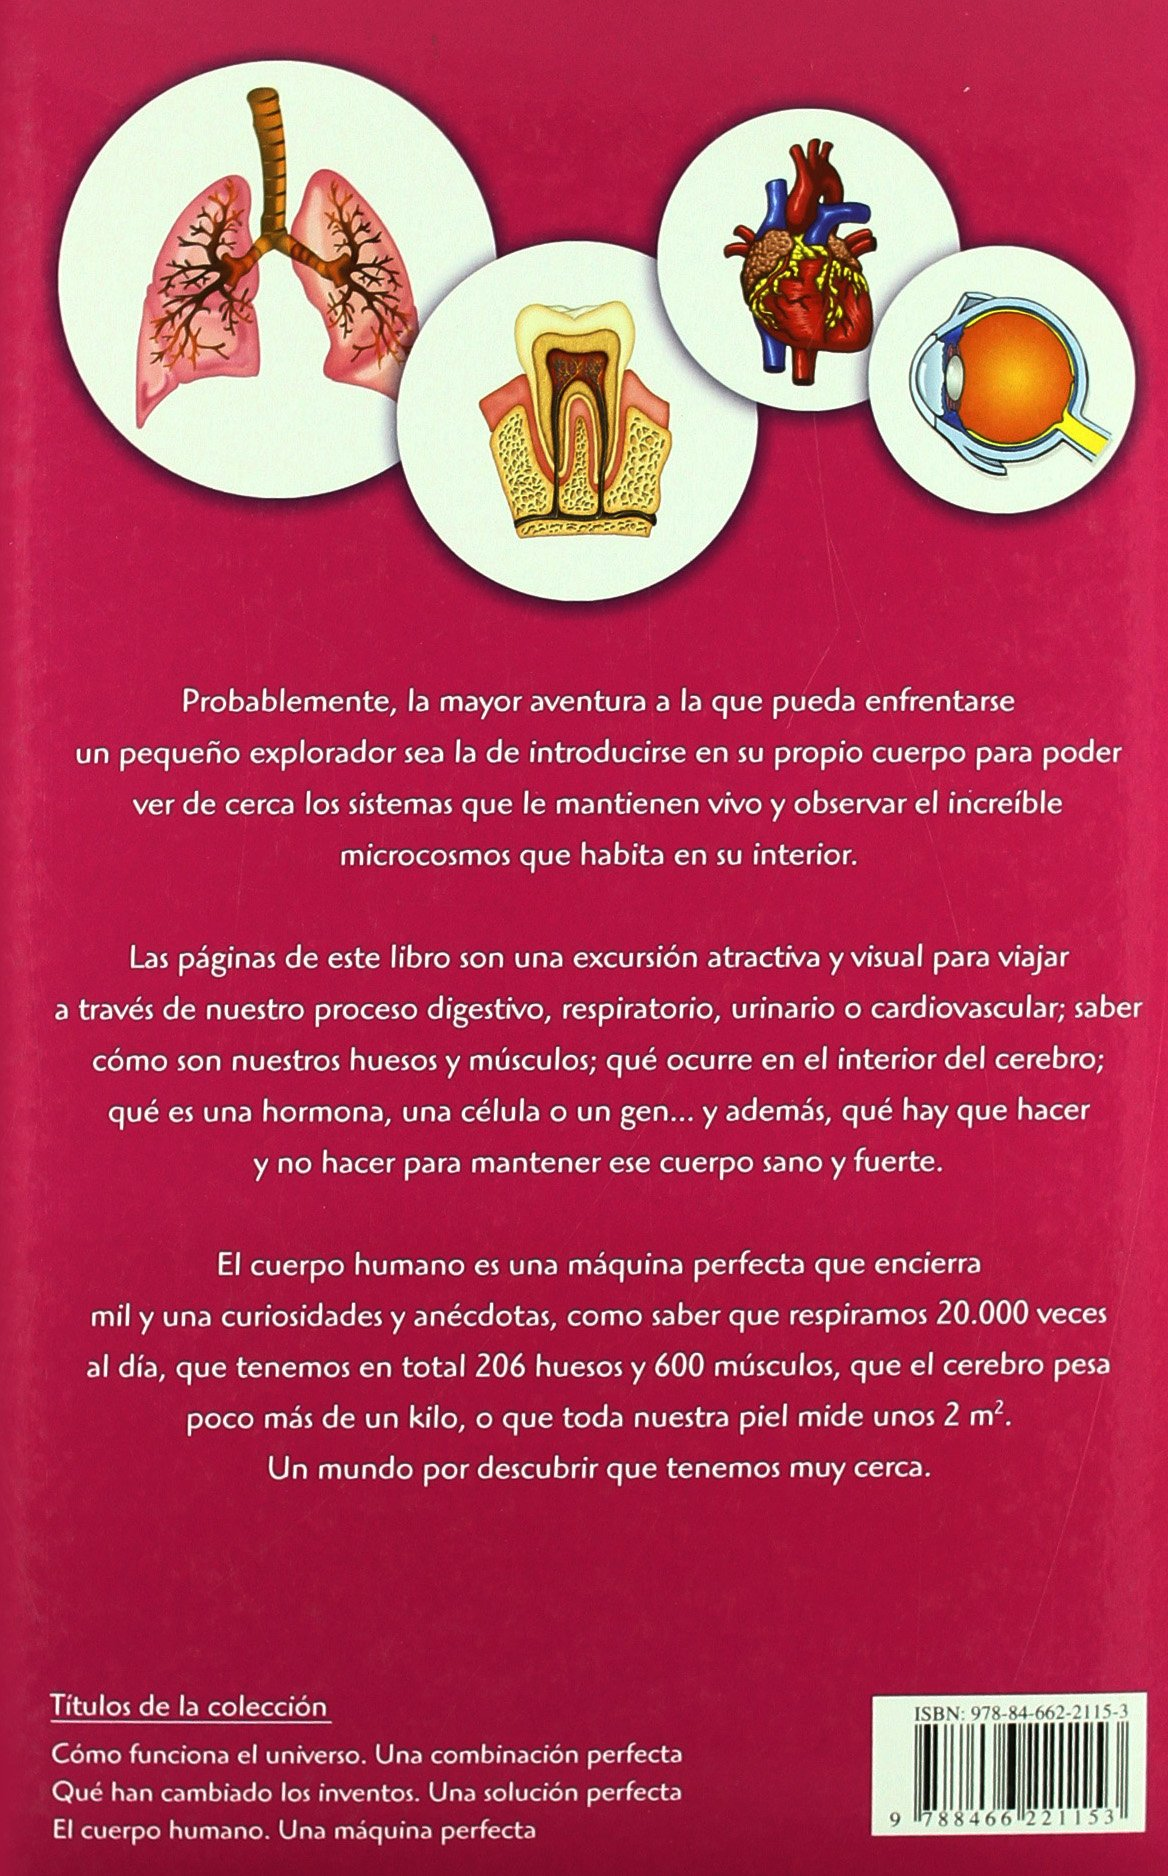 El Cuerpo Humano: Una Máquina Perfecta Exploradores del Saber: Amazon.es: Equipo Editorial: Libros